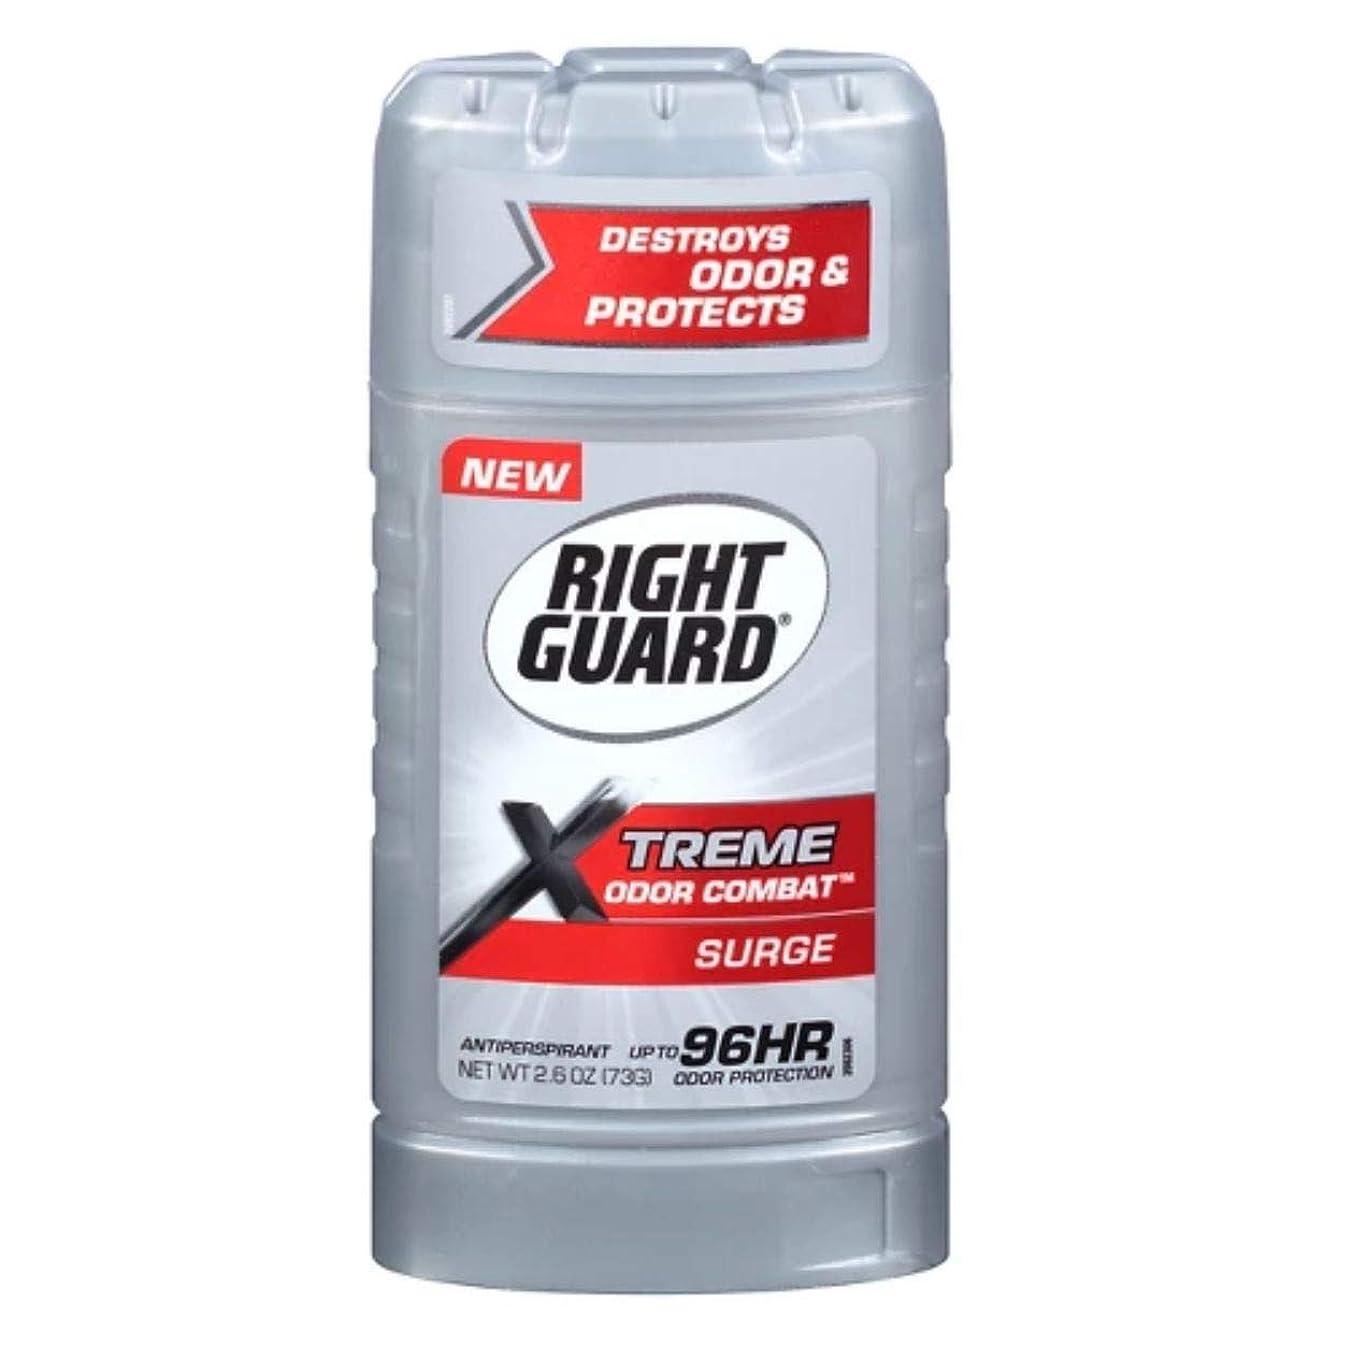 侵入規則性教科書Right Guard Xtreme Odor Combat Surge Invisible Solid Antiperspirant and Deodorant - 2.6oz 海外直送品 [並行輸入品]